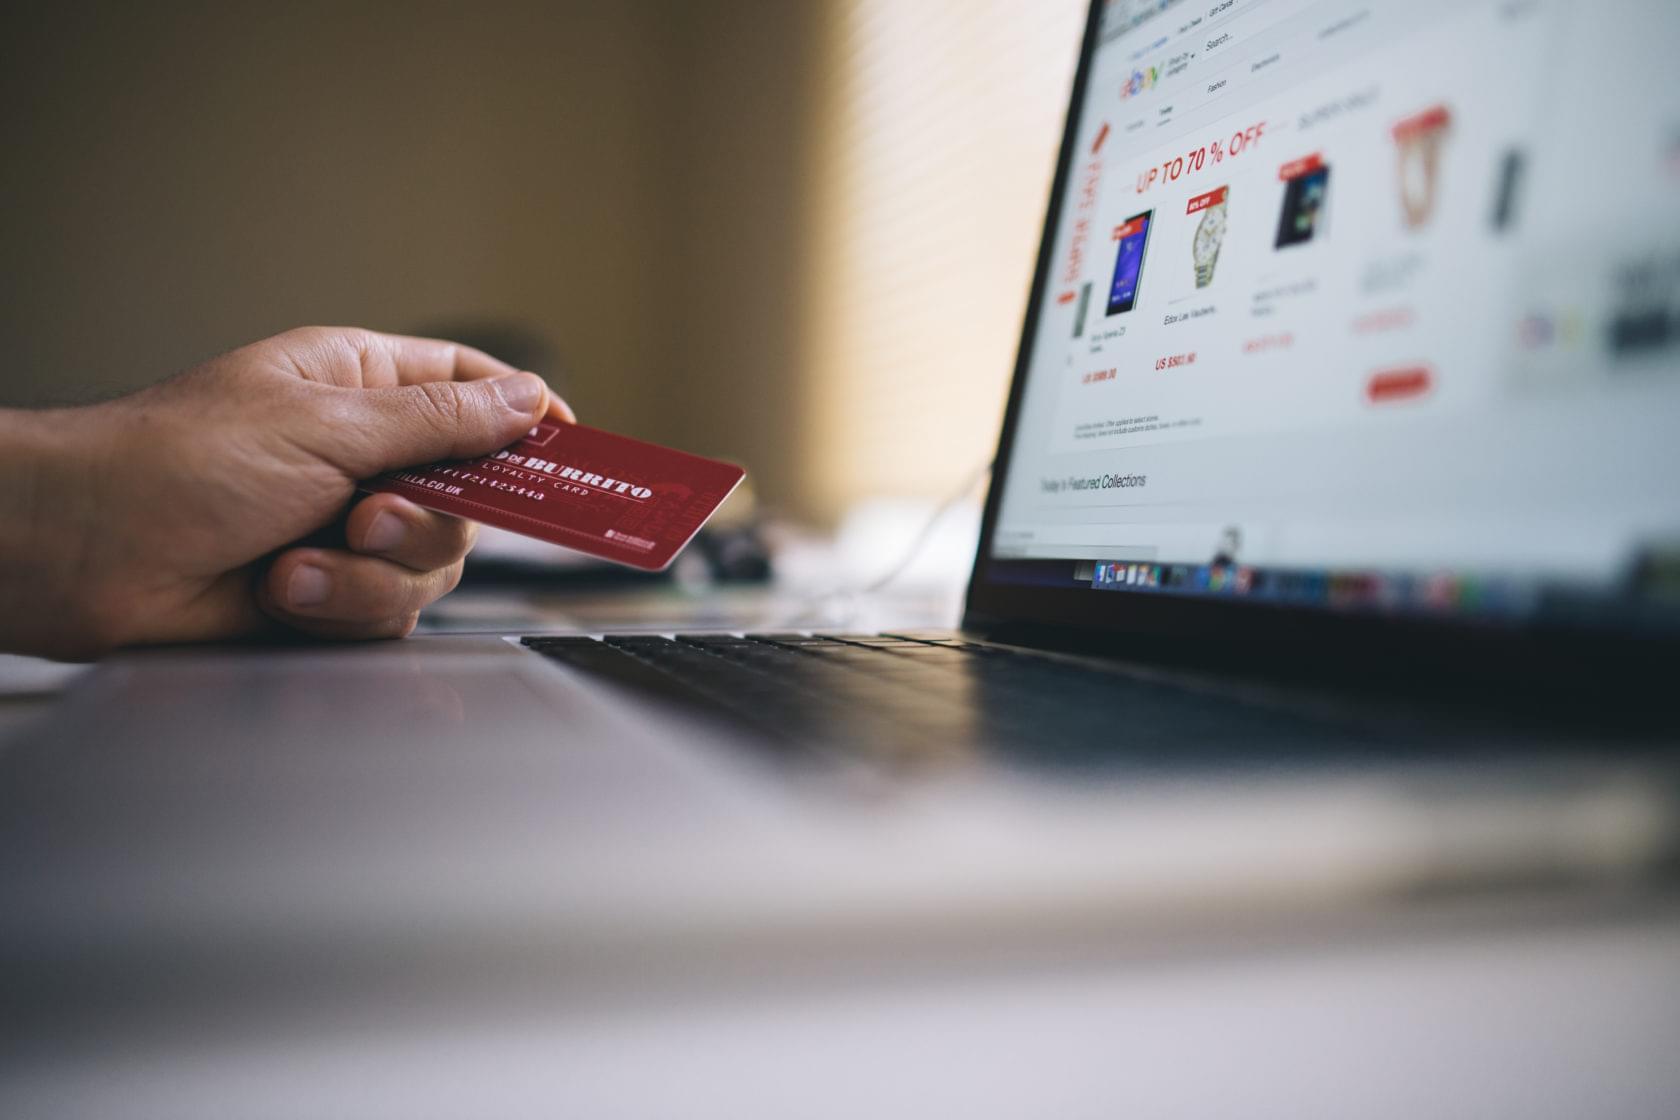 Webbyrå med fokus på ökar försäljning